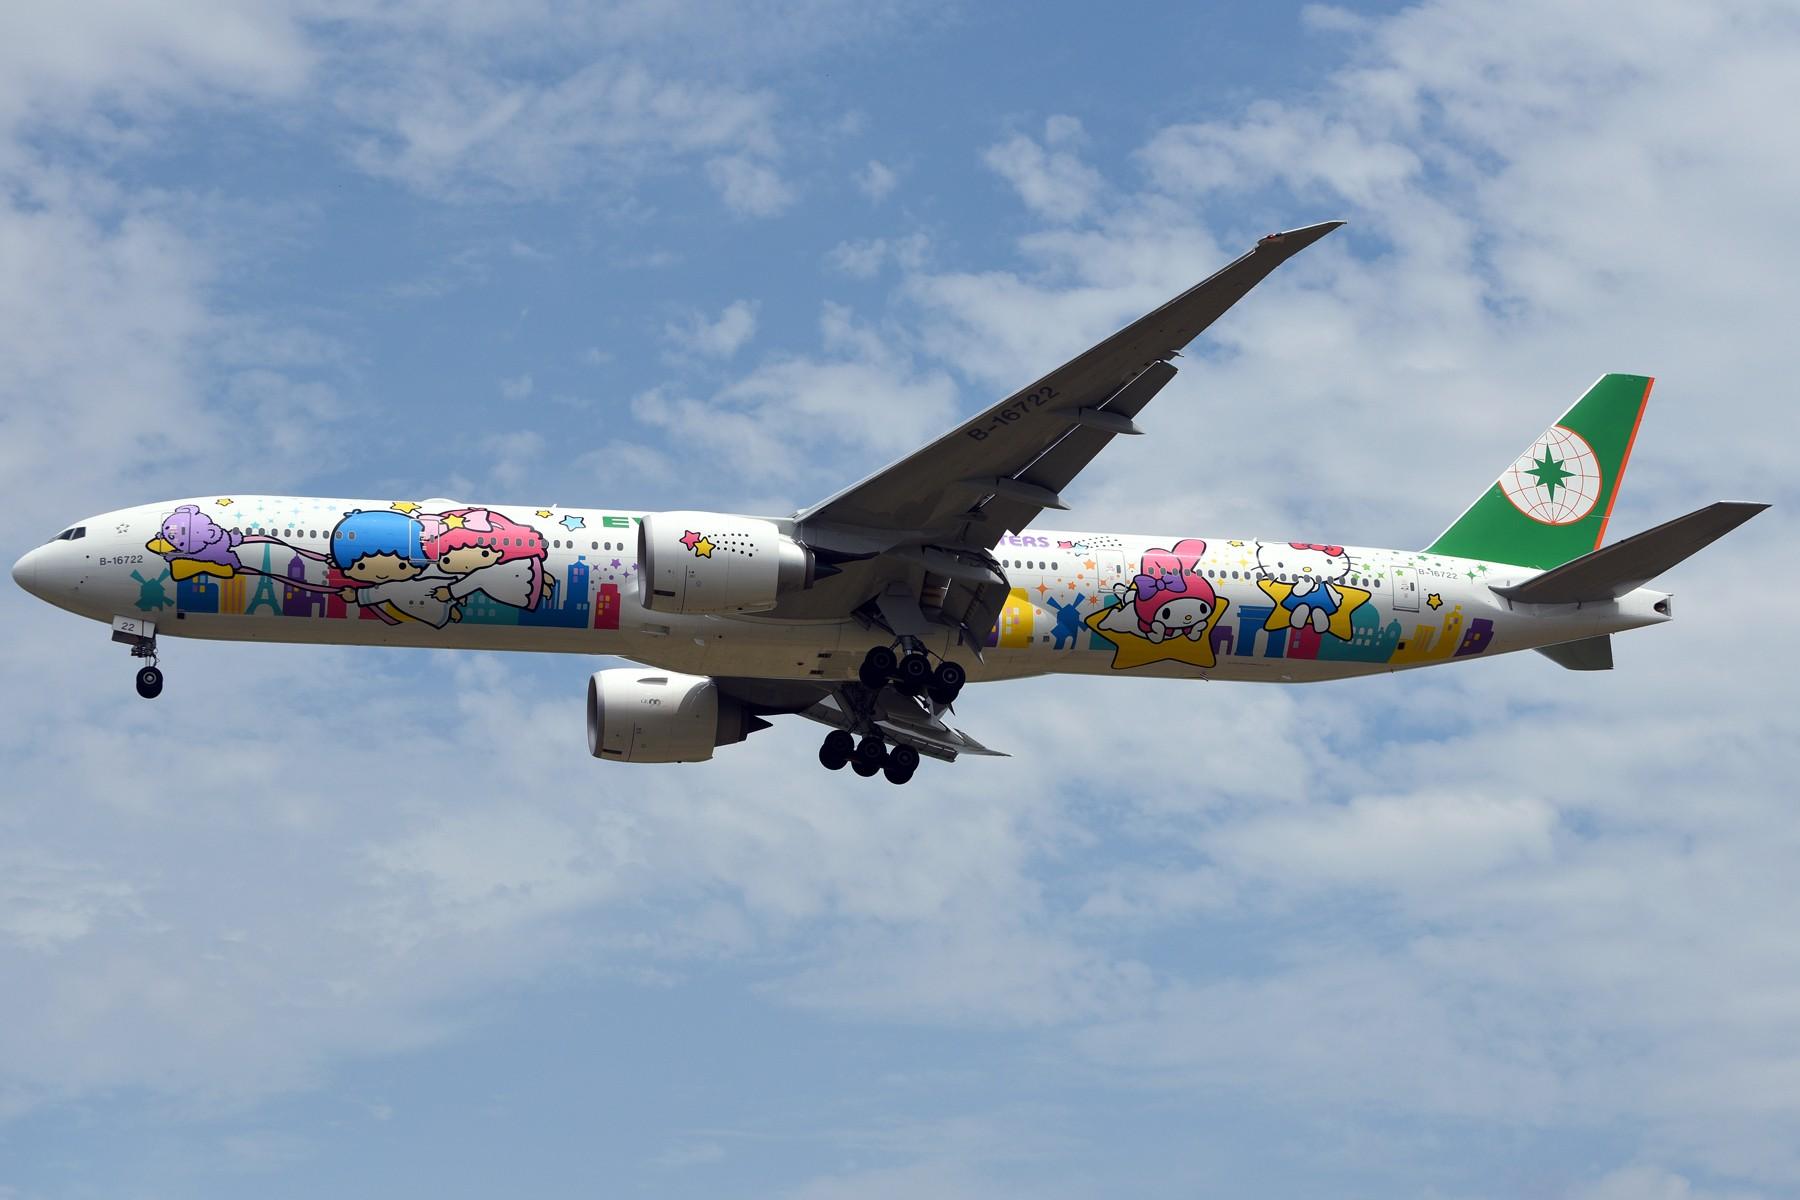 【我是一图党】【1800*1200】好大一只喵!长荣航空B-16722 Hello Kitty星空机光临浦东机场 BOEING 777-300ER B-16722 中国上海浦东国际机场